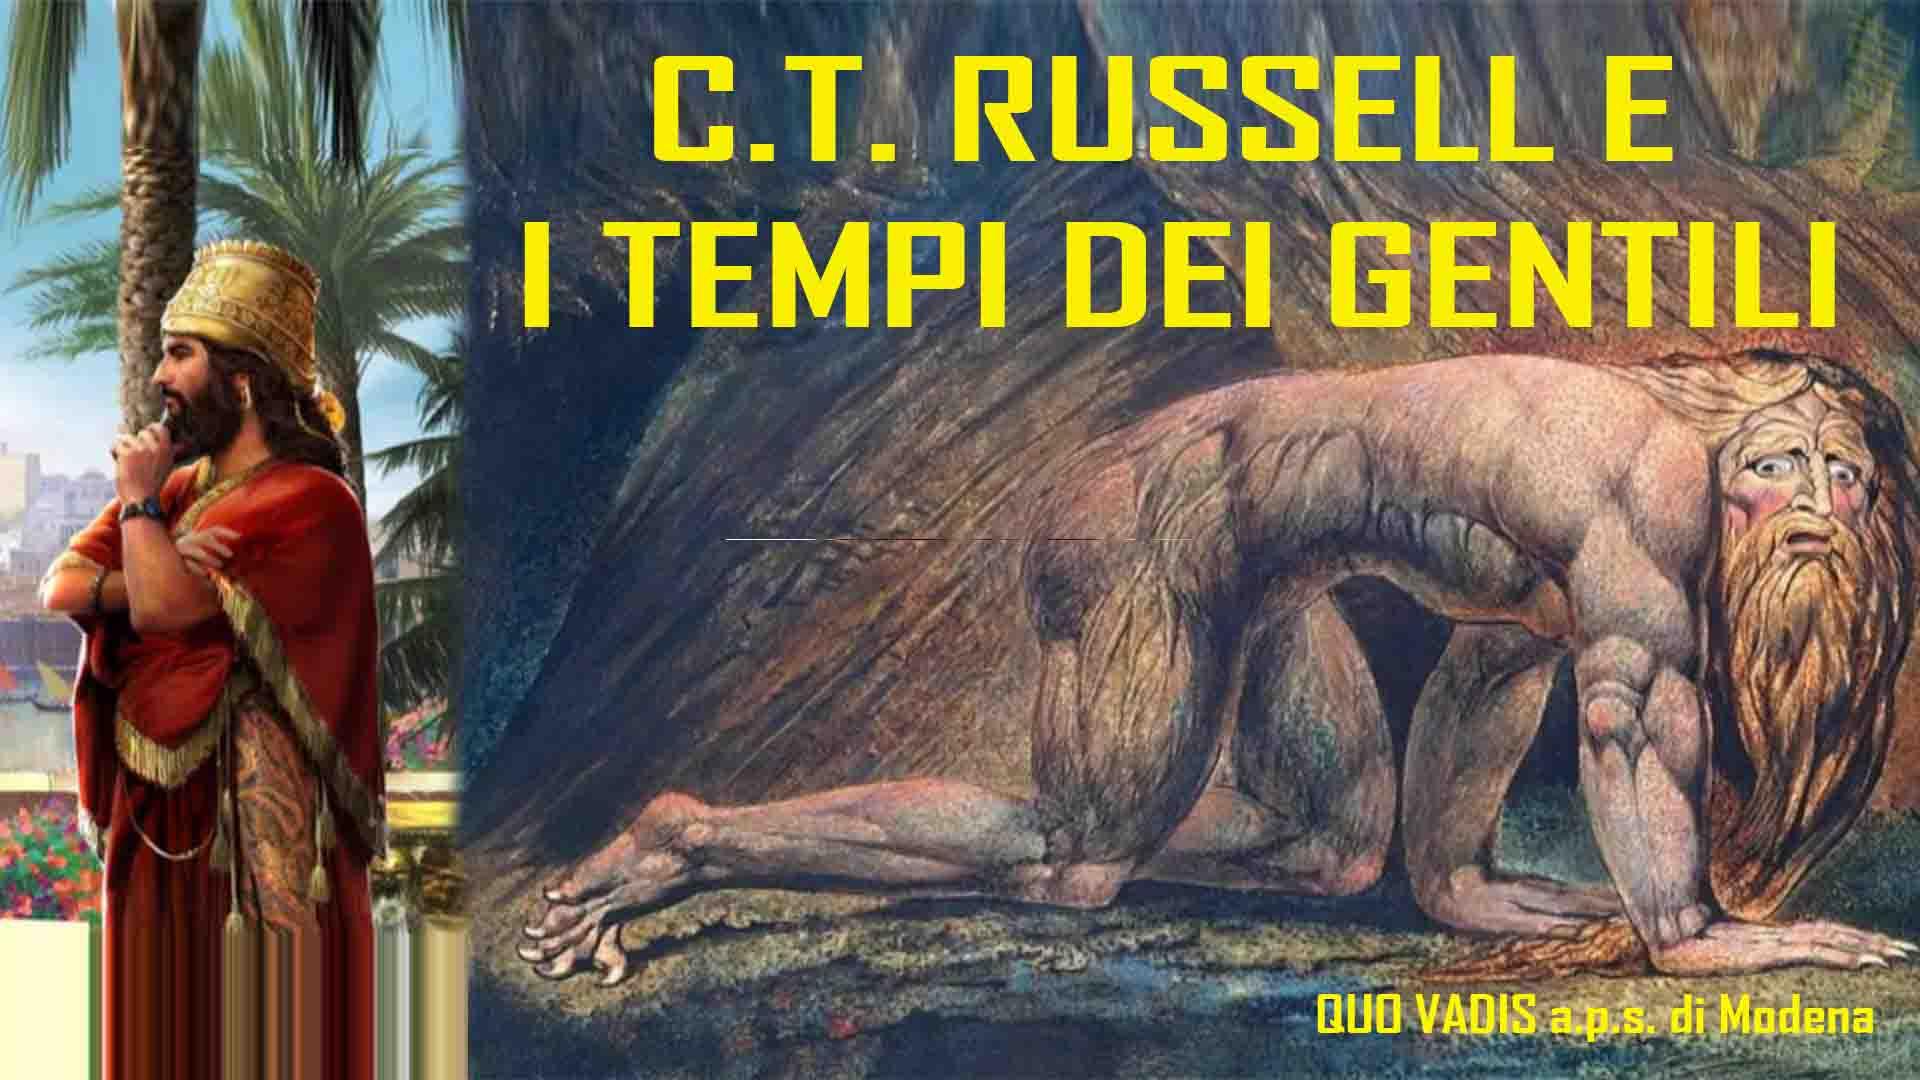 C.T. RUSSELL E I TEMPI DEI GENTILI